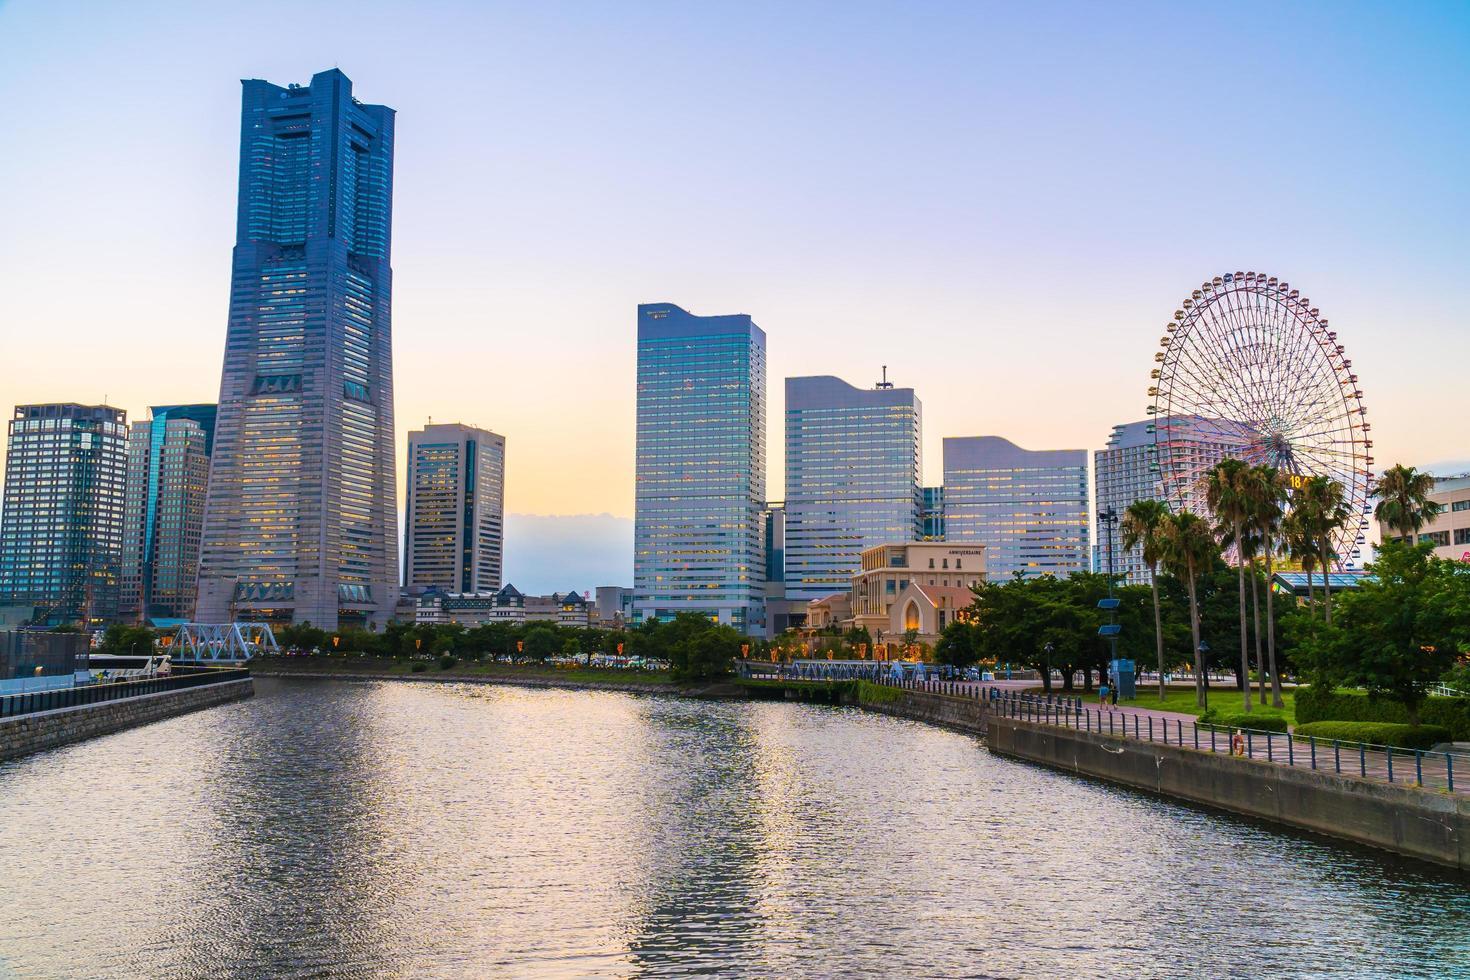 Toits de la ville de Yokohama au crépuscule, Yokohama, Japon photo